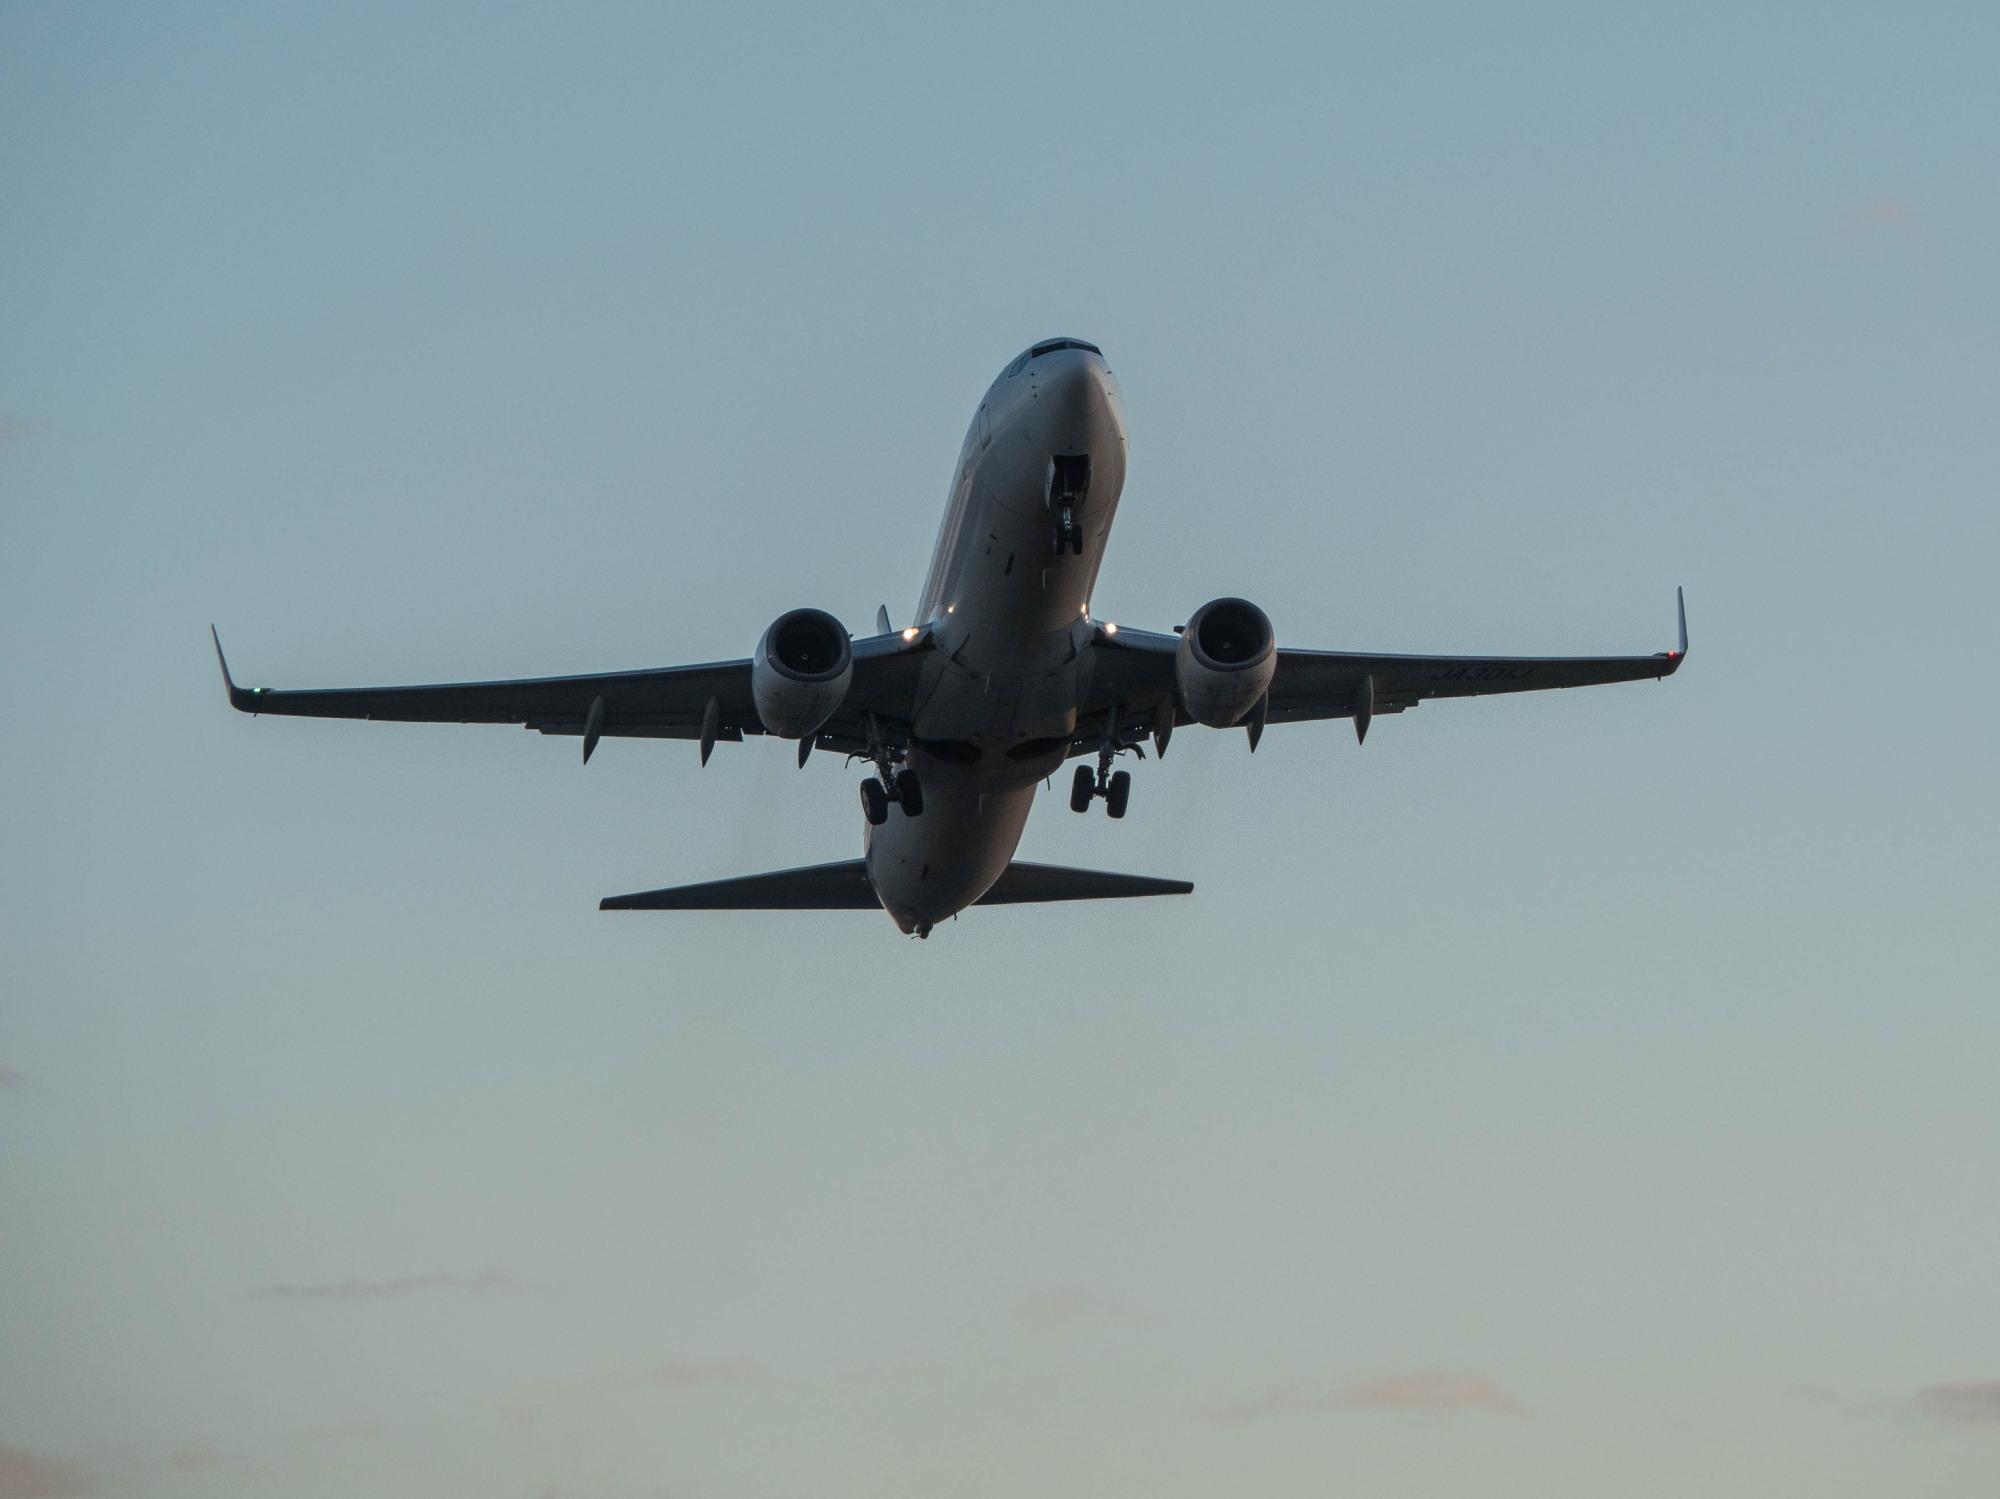 「とかち帯広空港」すぐ近くで航空機の離発着が見れる場所へ_f0276498_14251139.jpg